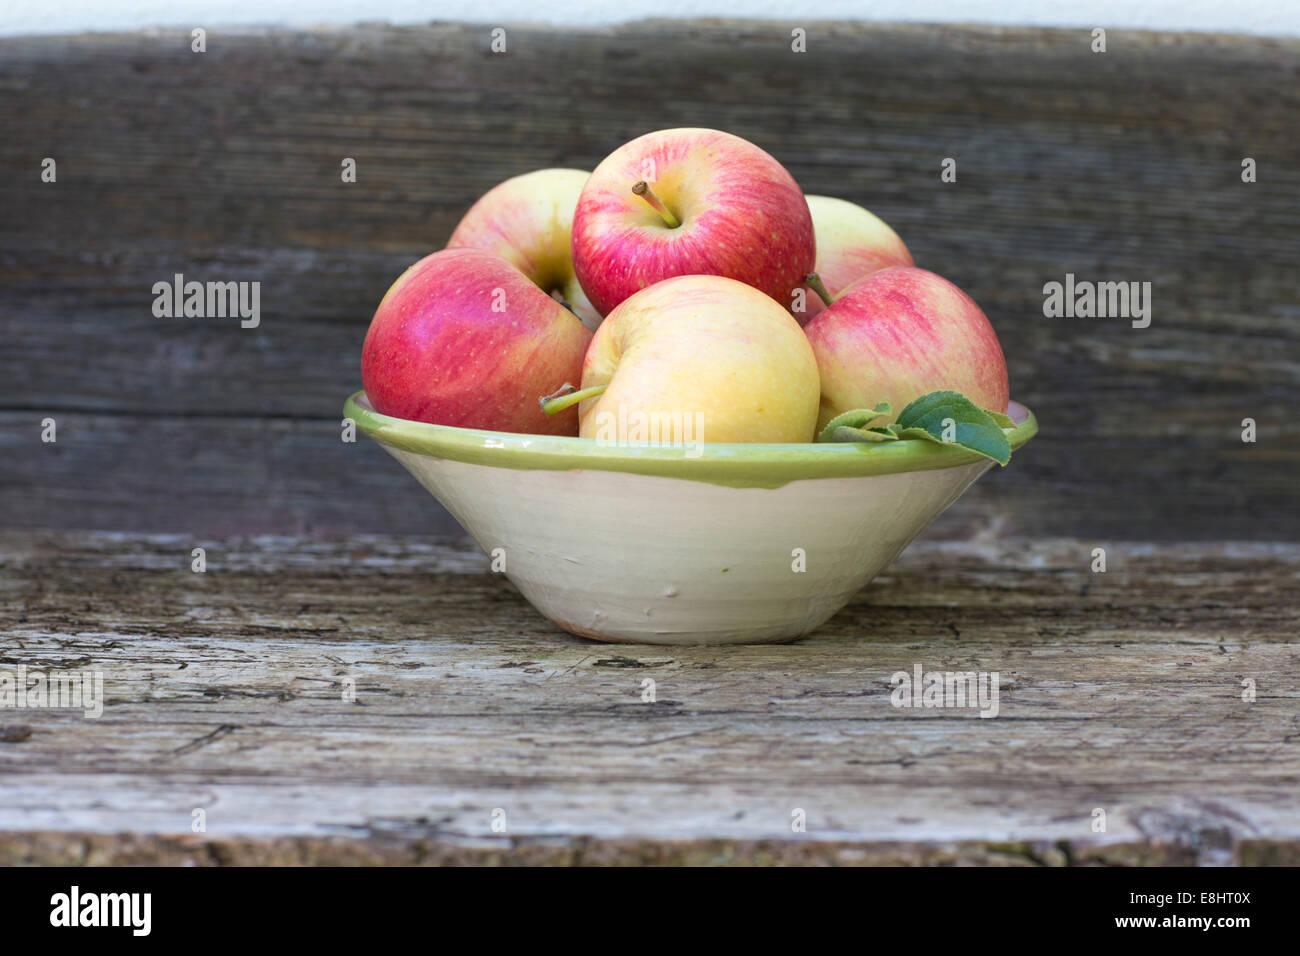 Les pommes, rouge, vert, fruits, automne, banc rustique, fond blanc, à l'extérieur, dans un bol en Photo Stock